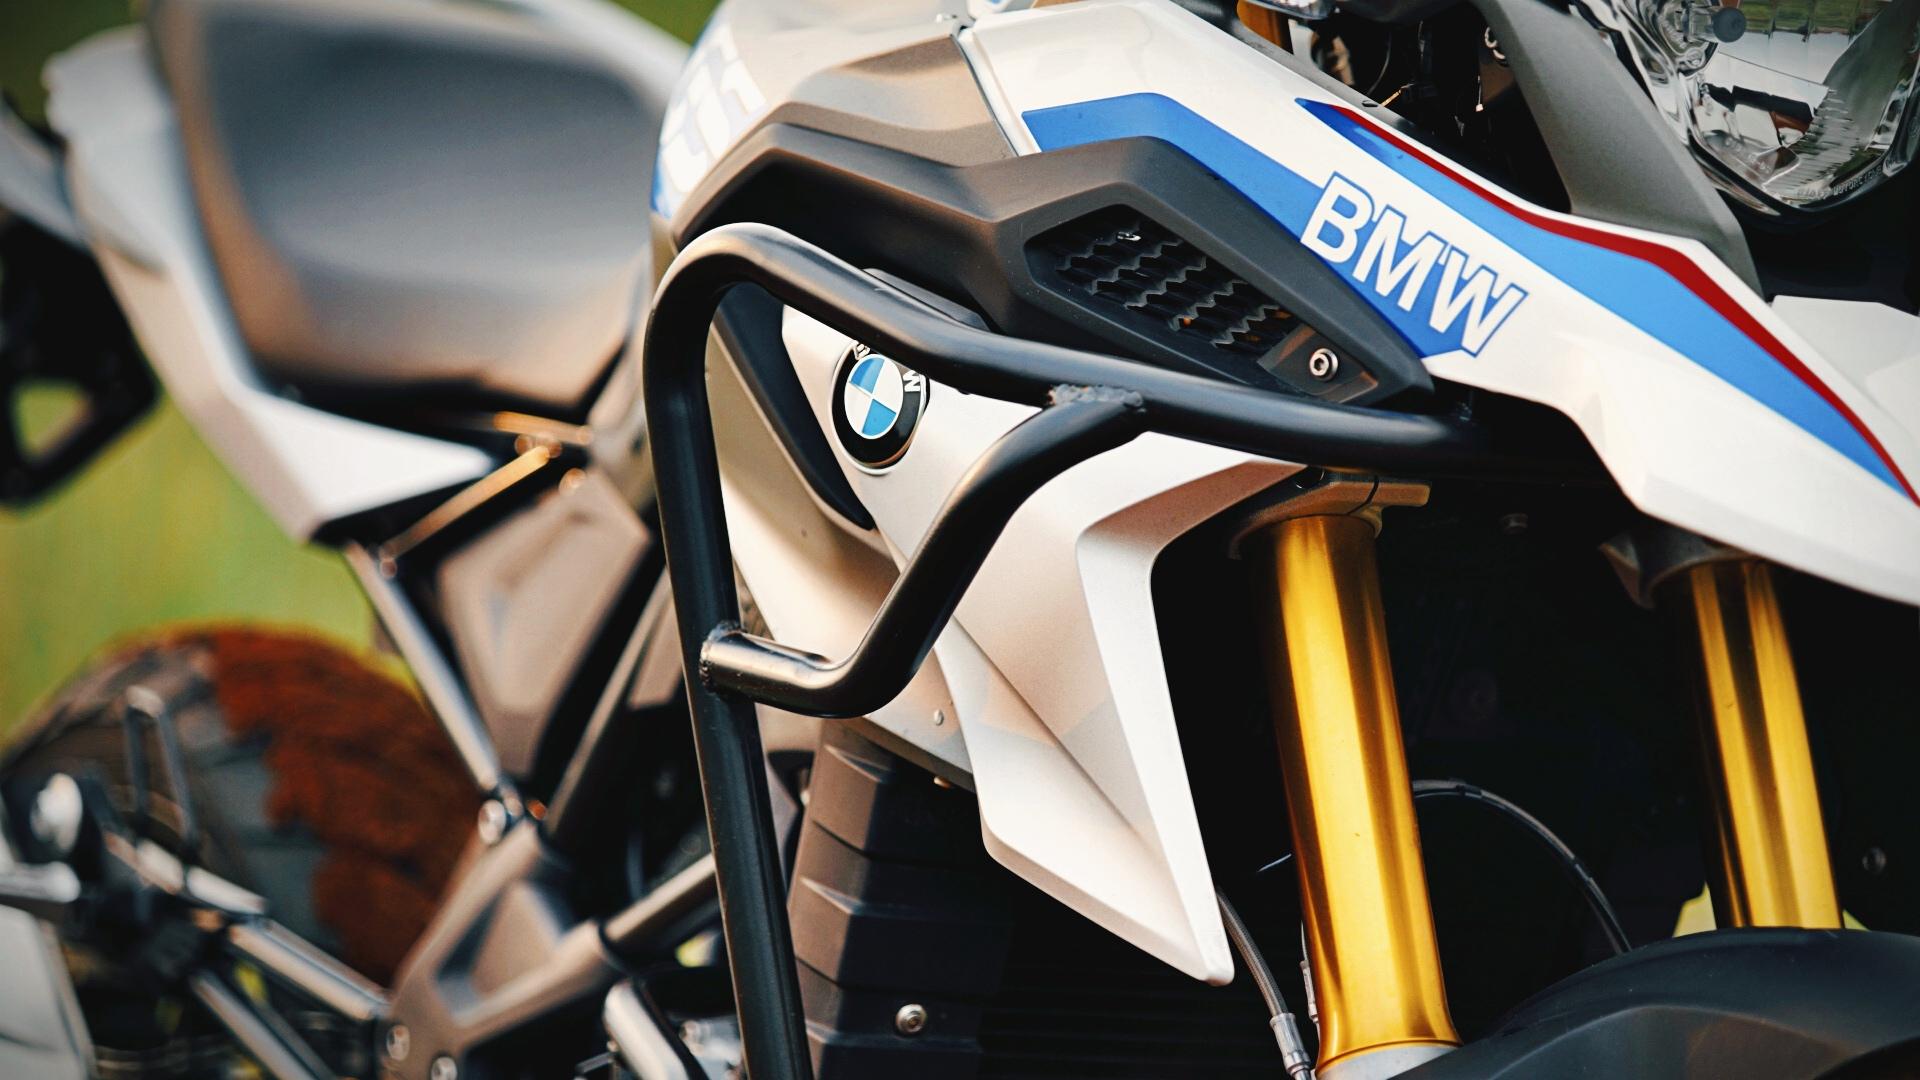 BMW G 310 GS Adventure